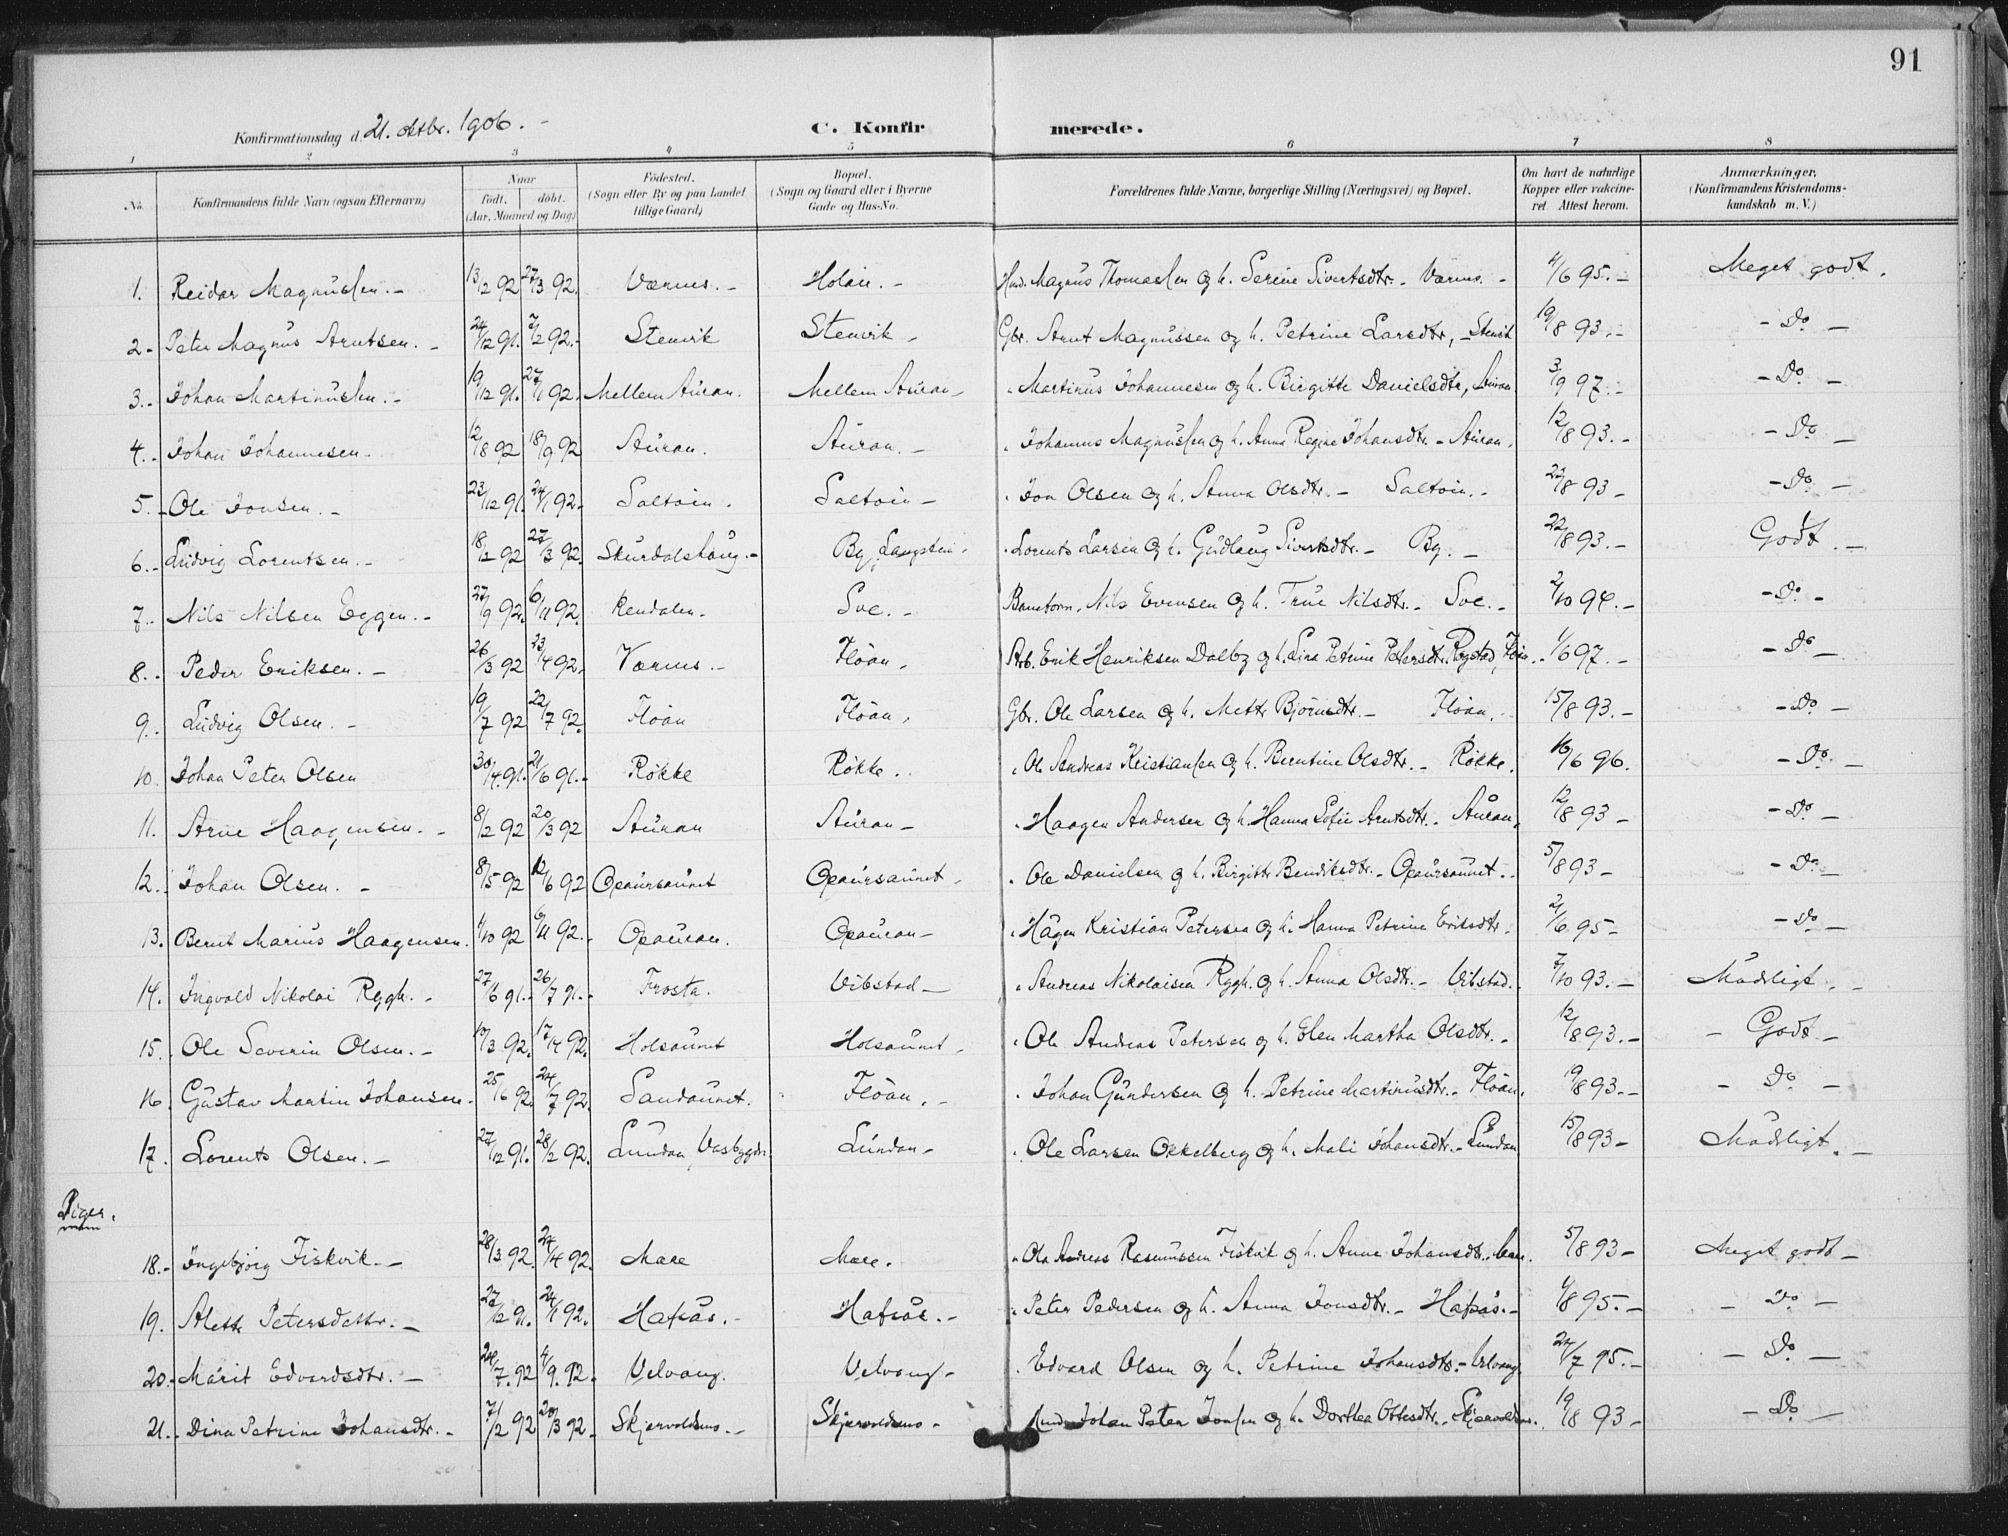 SAT, Ministerialprotokoller, klokkerbøker og fødselsregistre - Nord-Trøndelag, 712/L0101: Ministerialbok nr. 712A02, 1901-1916, s. 91